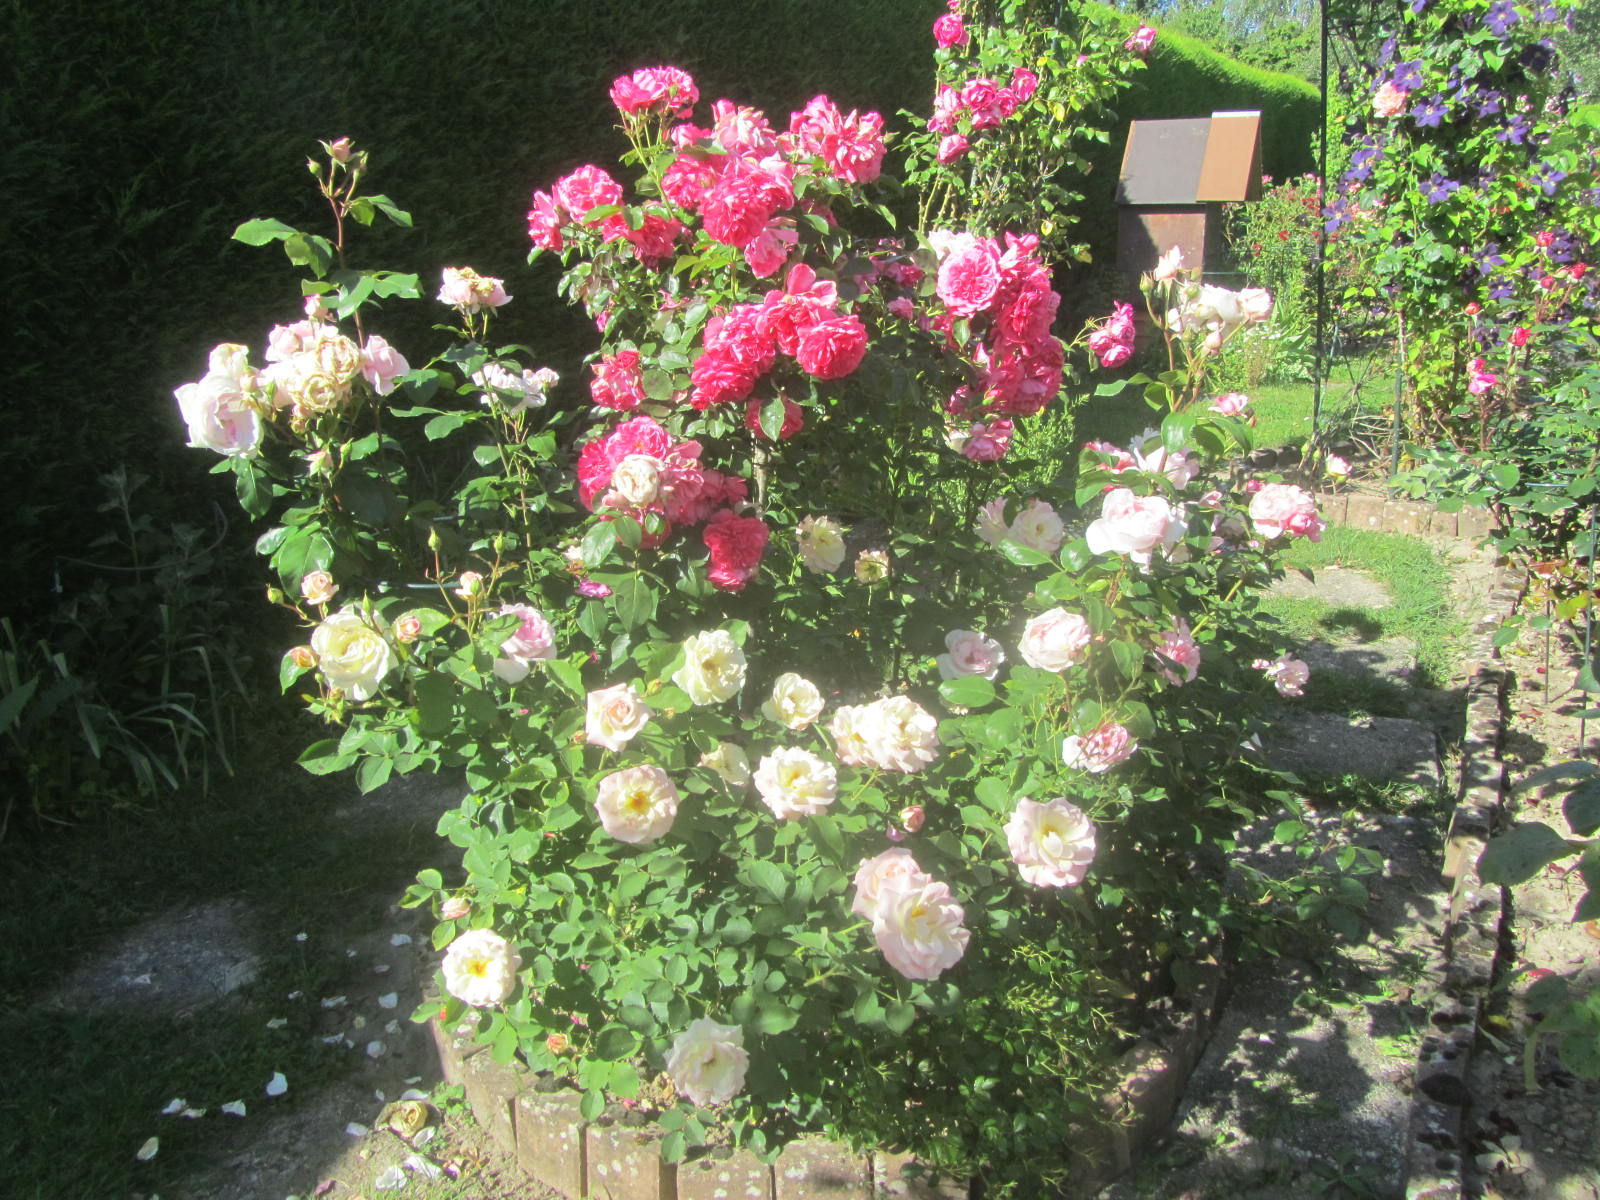 La roseraie de Brigitte à Cormeray Loir-et-Cher